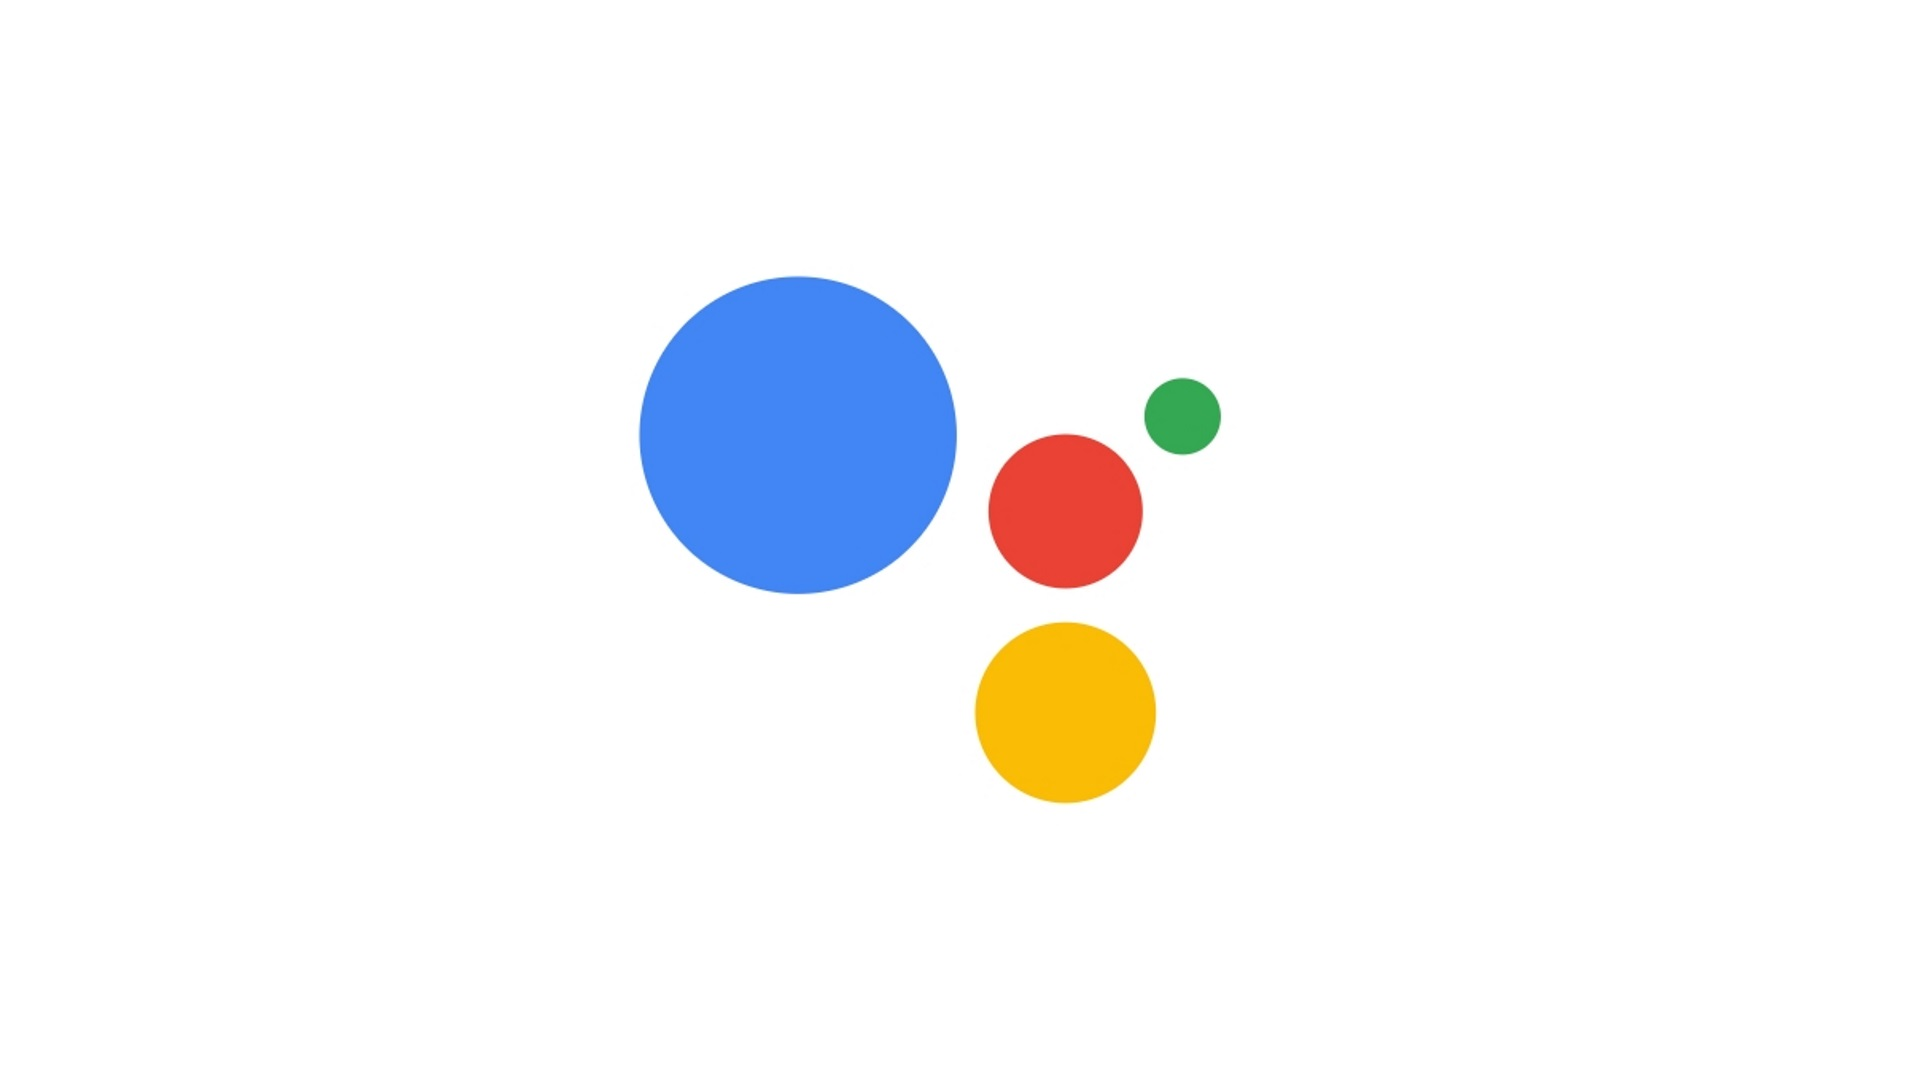 「Google アシスタント」の家電制御による弊害?【レポート】